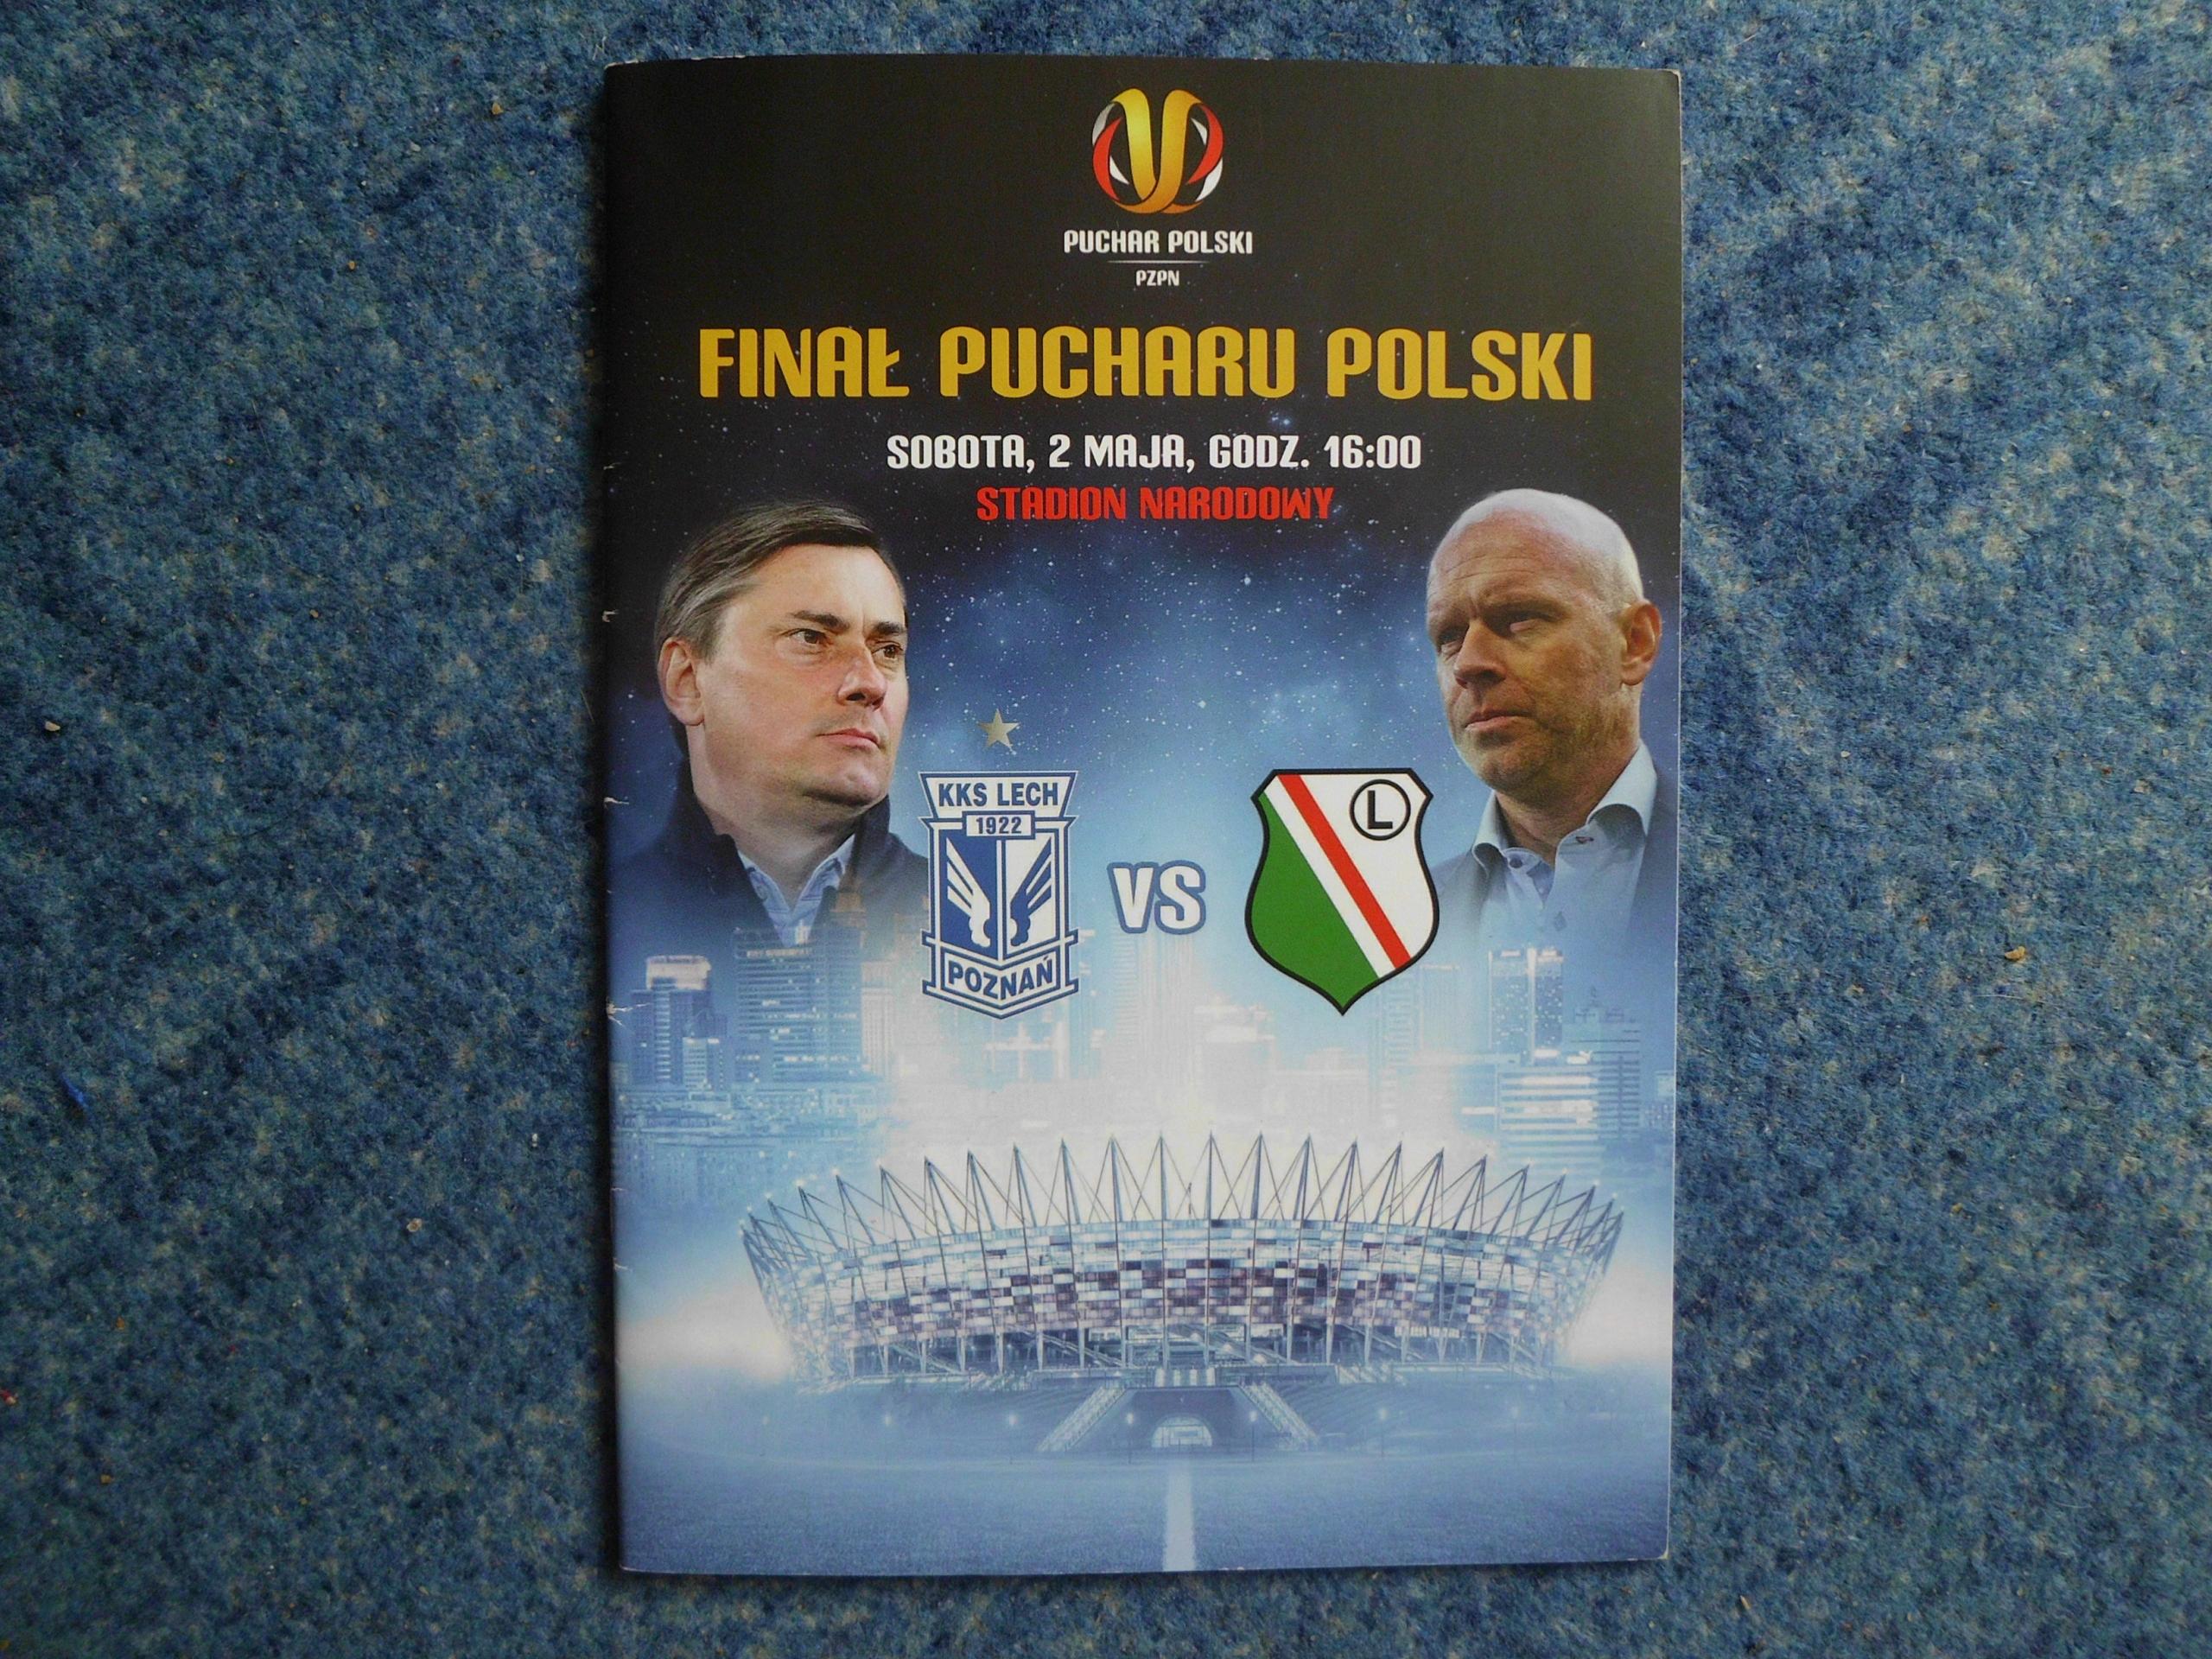 FINAŁ PUCHARU POLSKI LECH-LEGIA 02.05.2015